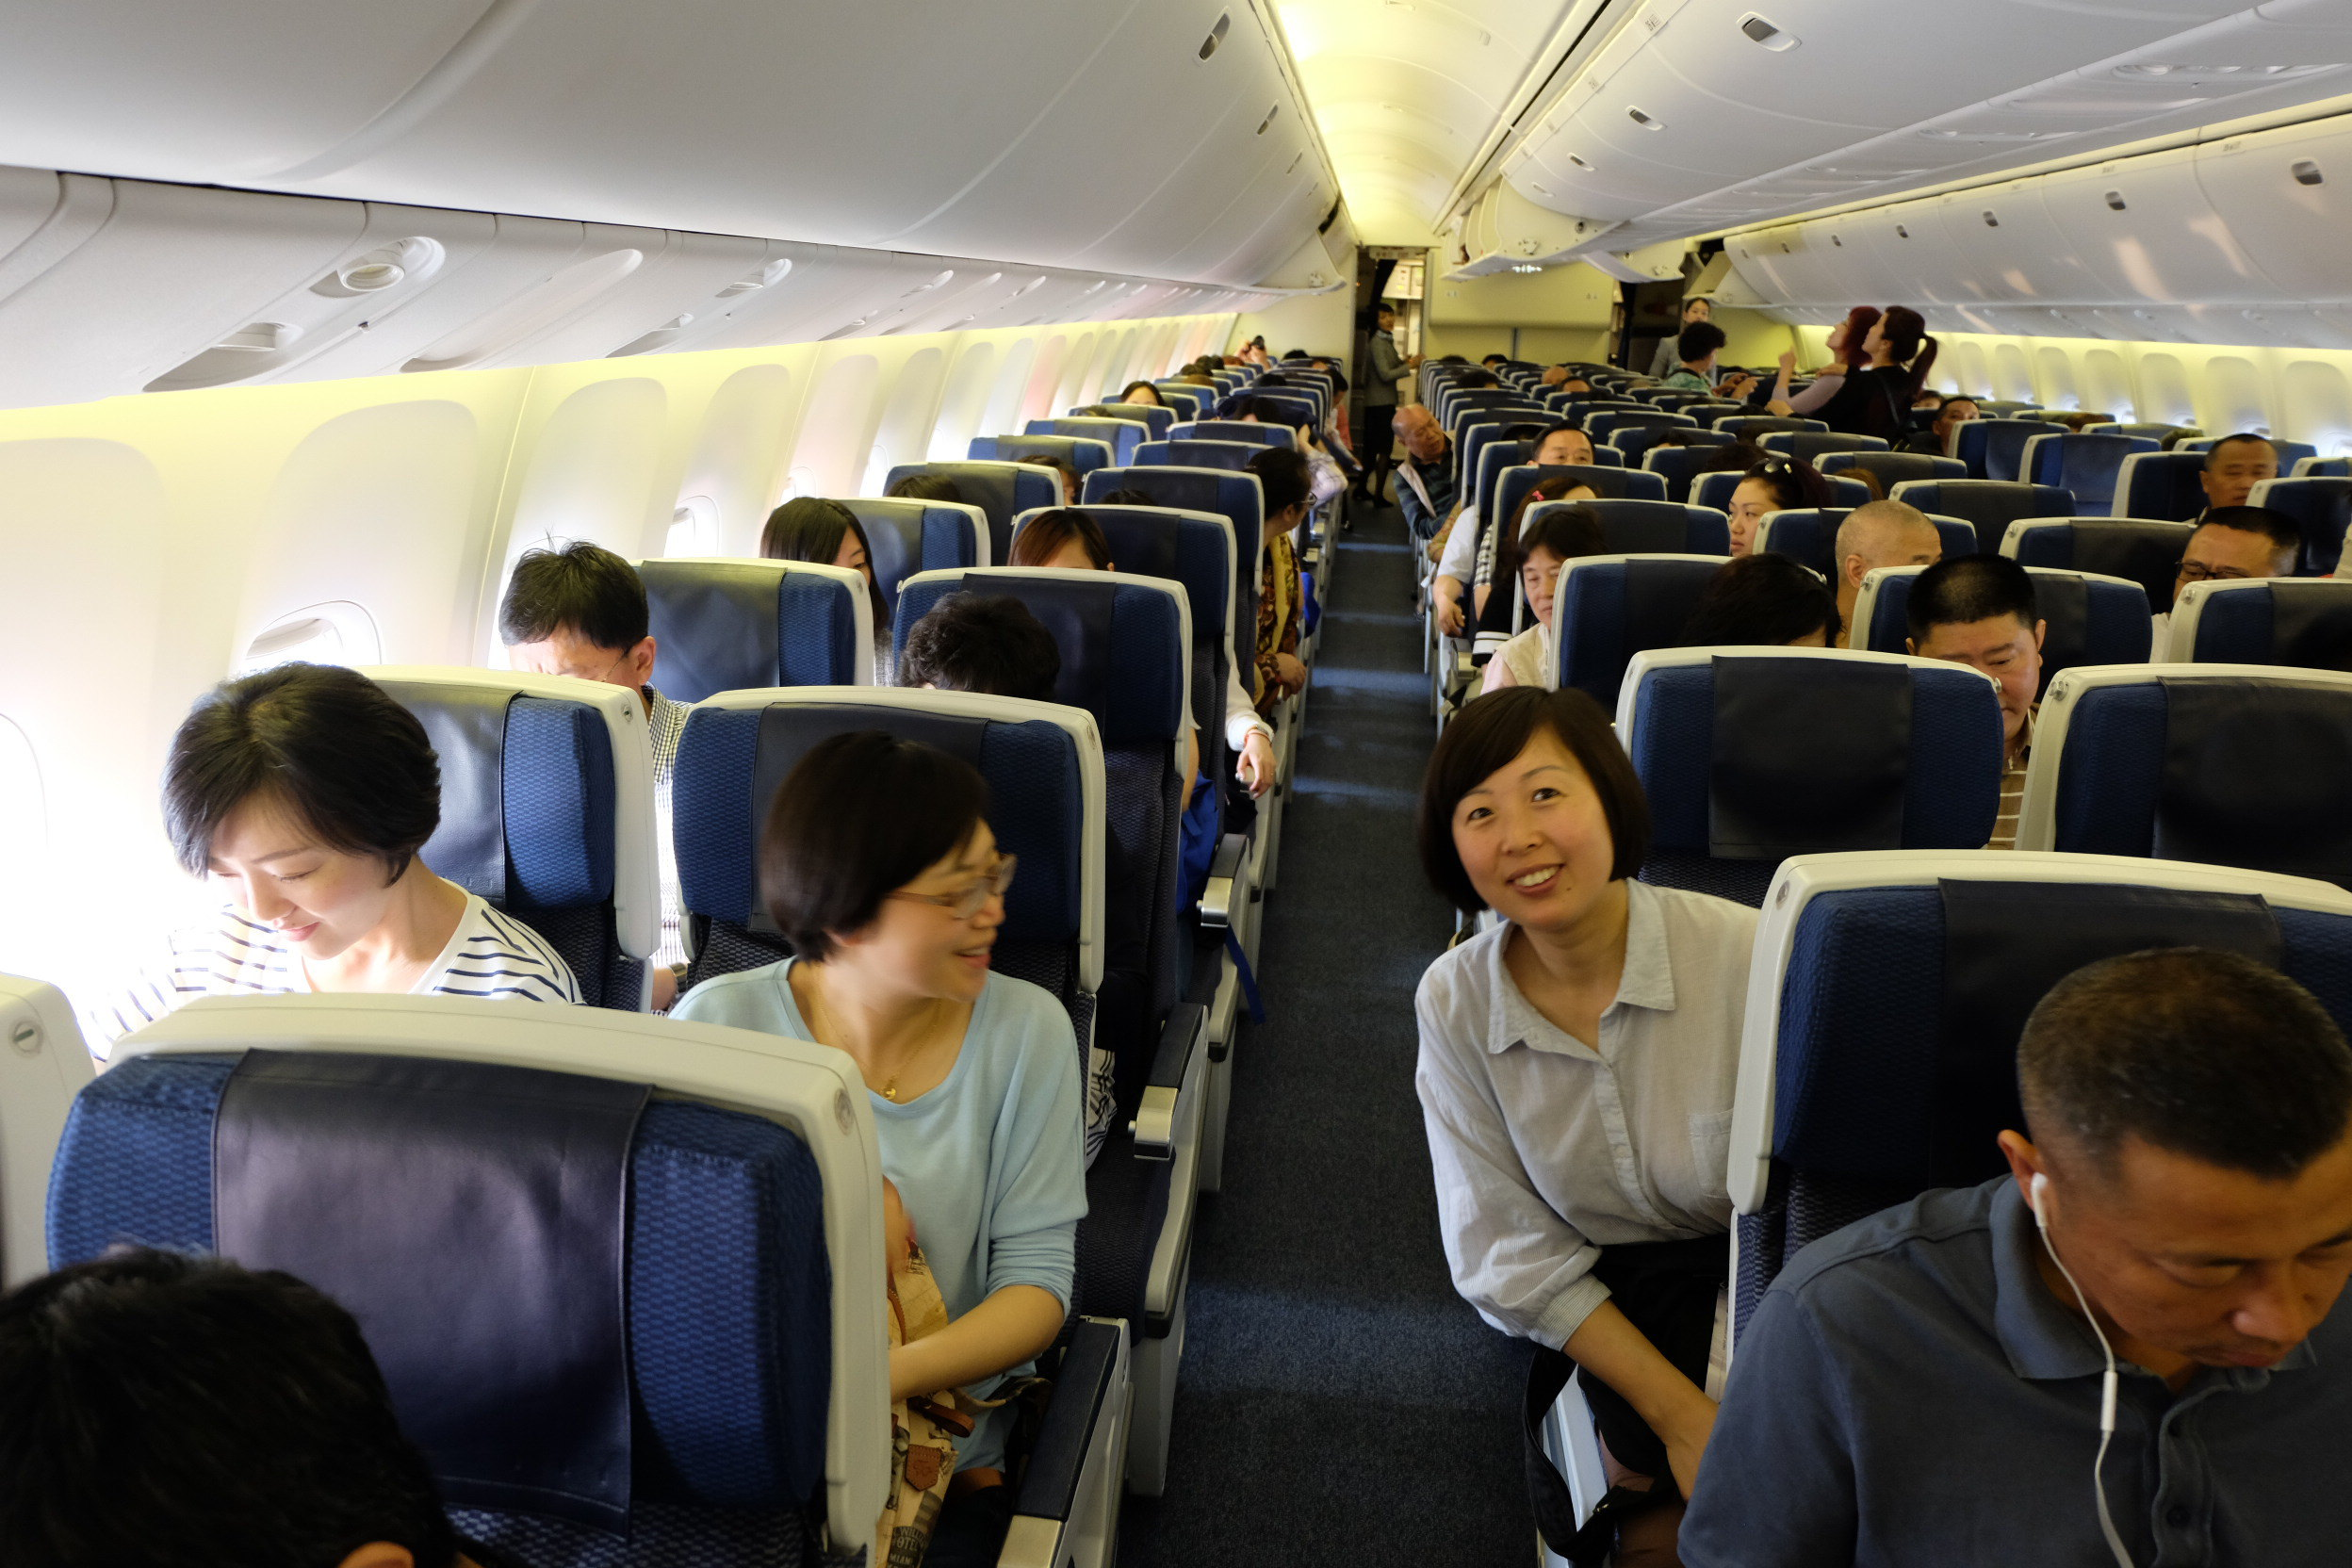 波音767—300双通道客机